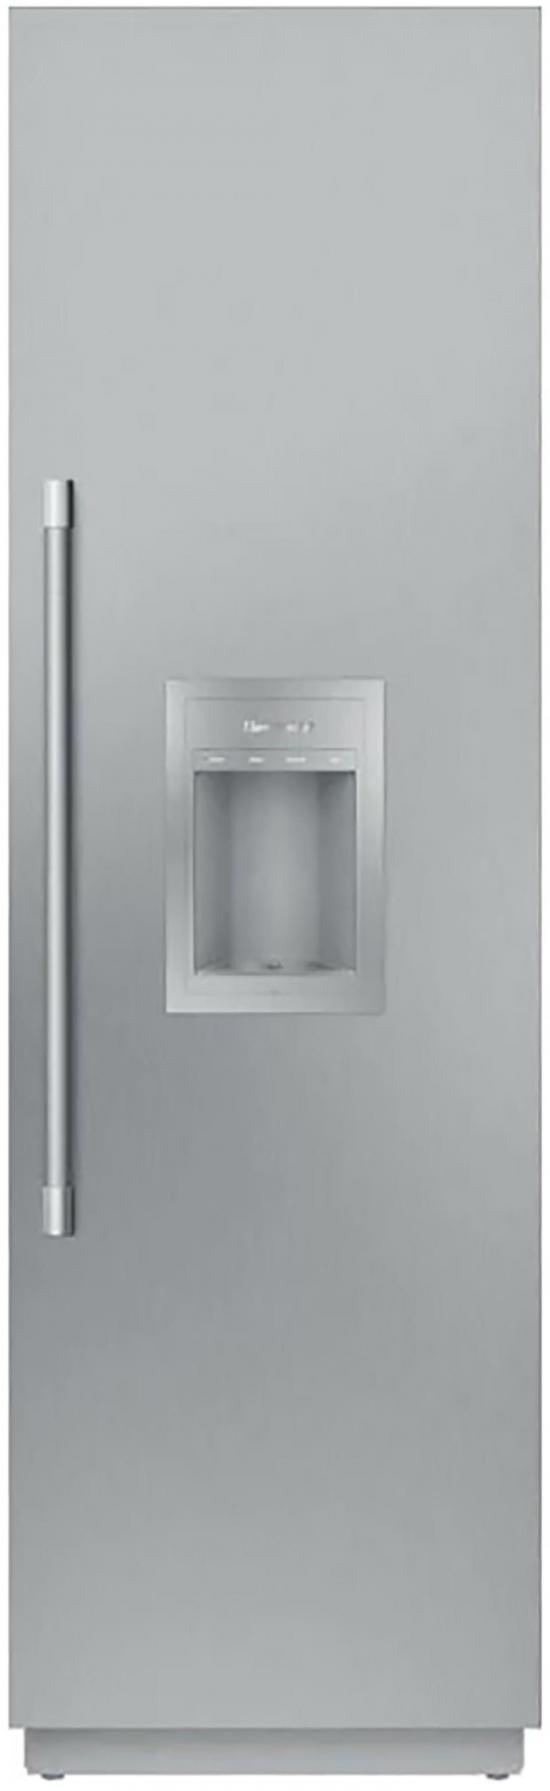 T24ID900RP Dispensador de agua REFRIGERADORES THERMADOR COCIMUNDO